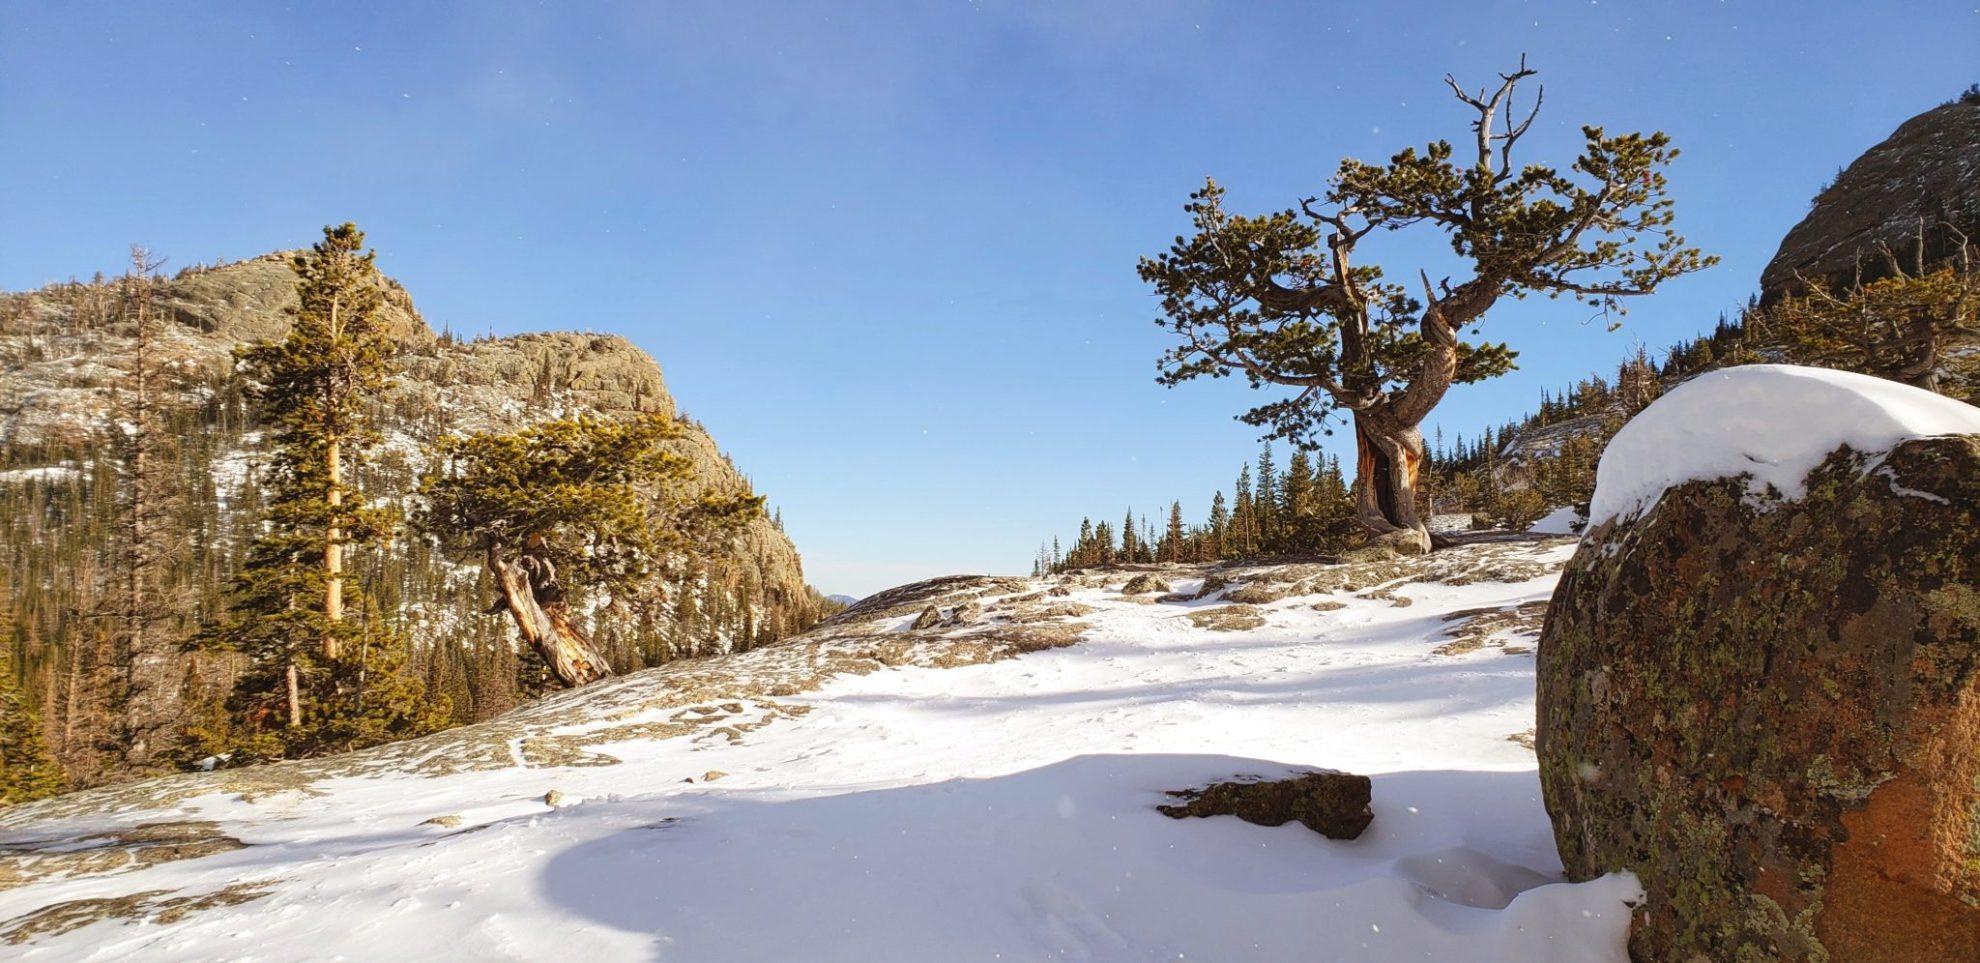 Bristle-cone pine trees